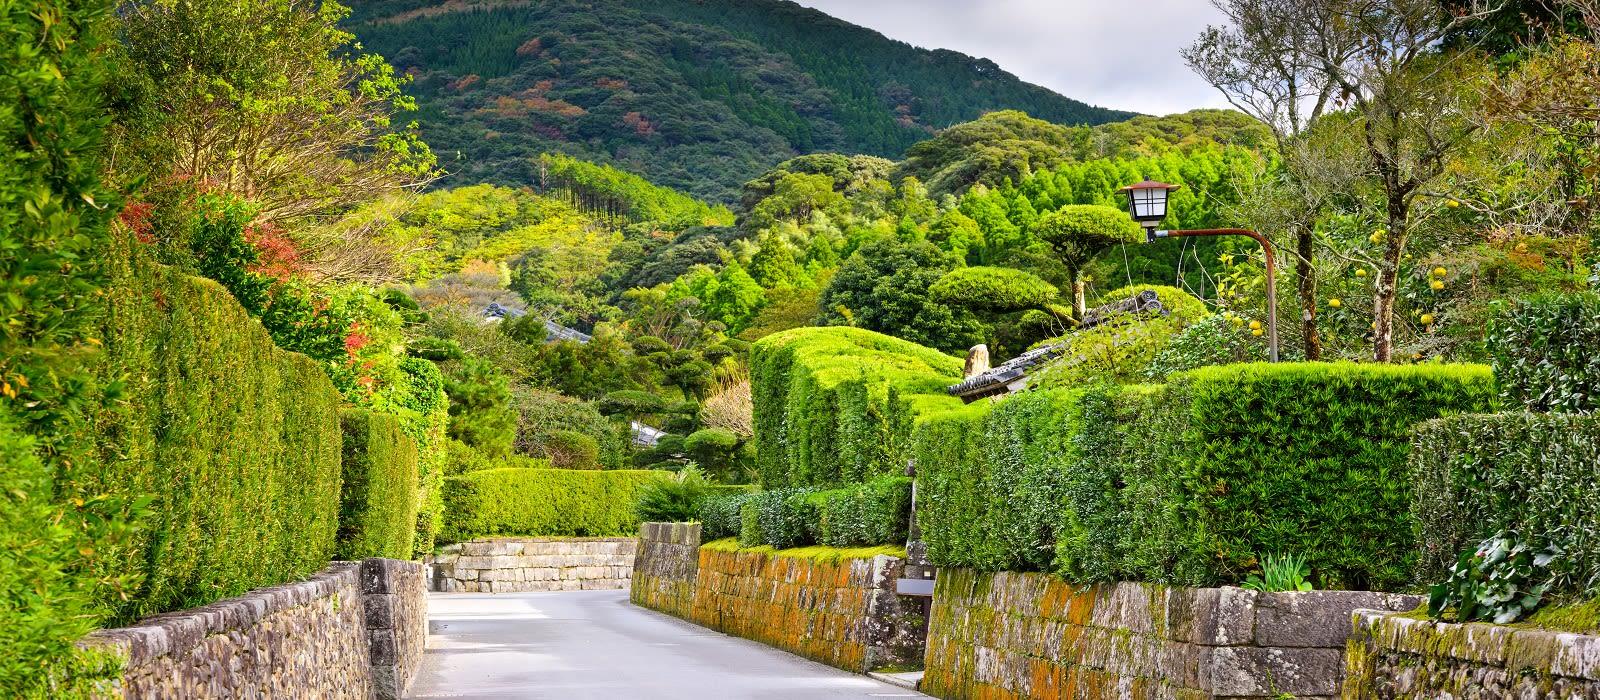 Destination Kagoshima Japan